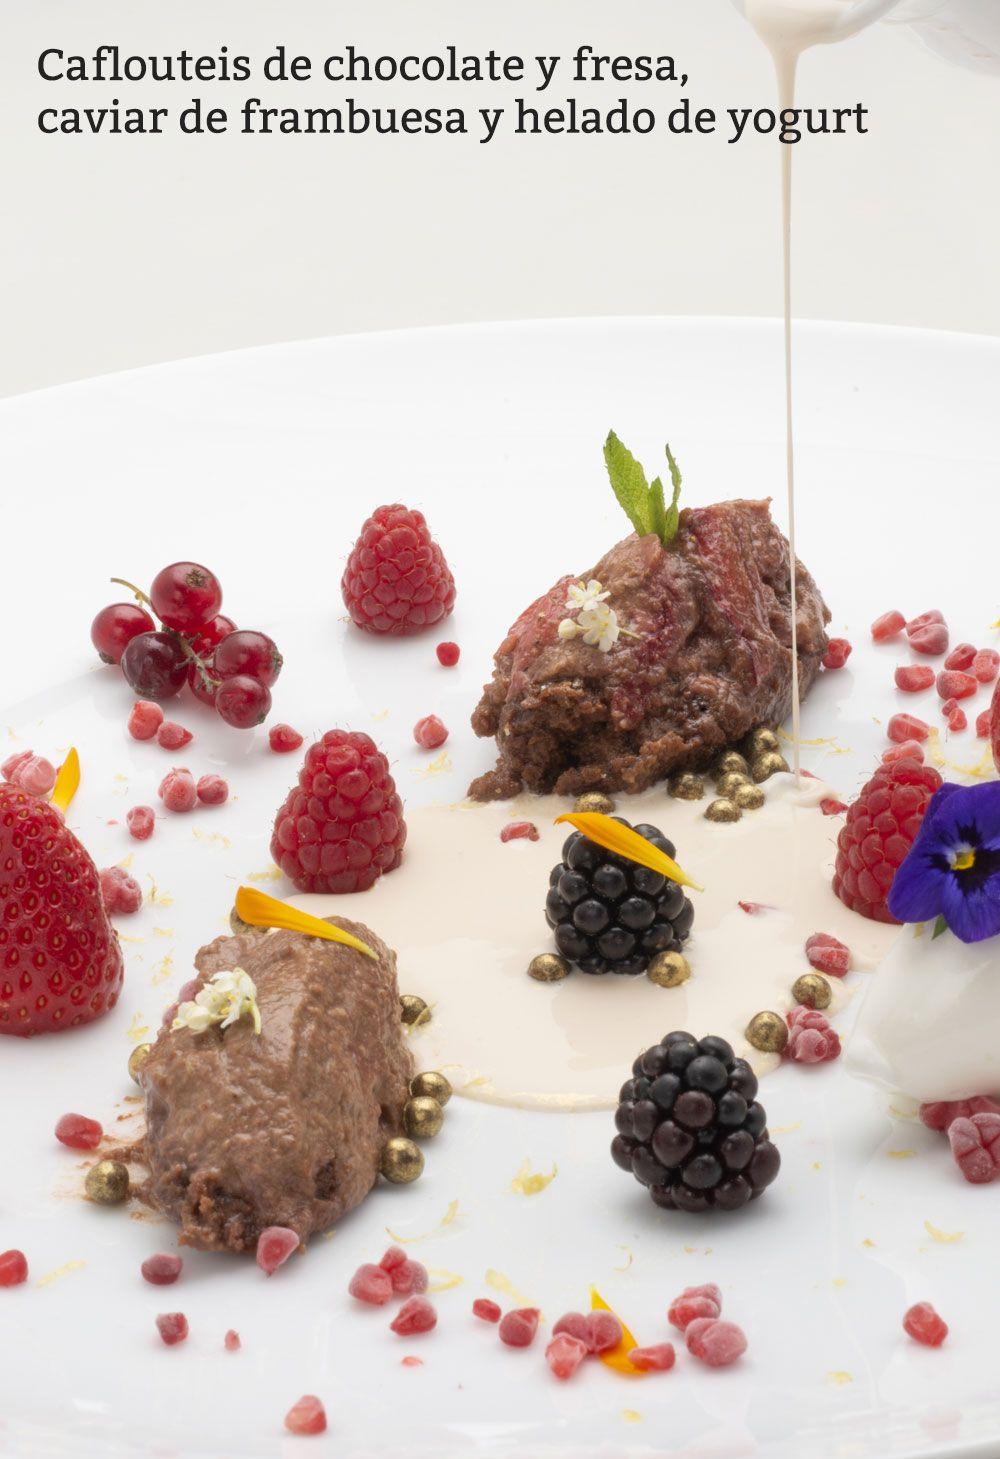 Clafoutis de chocolate y fresa, caviar de frambuesa y helado de yogurt